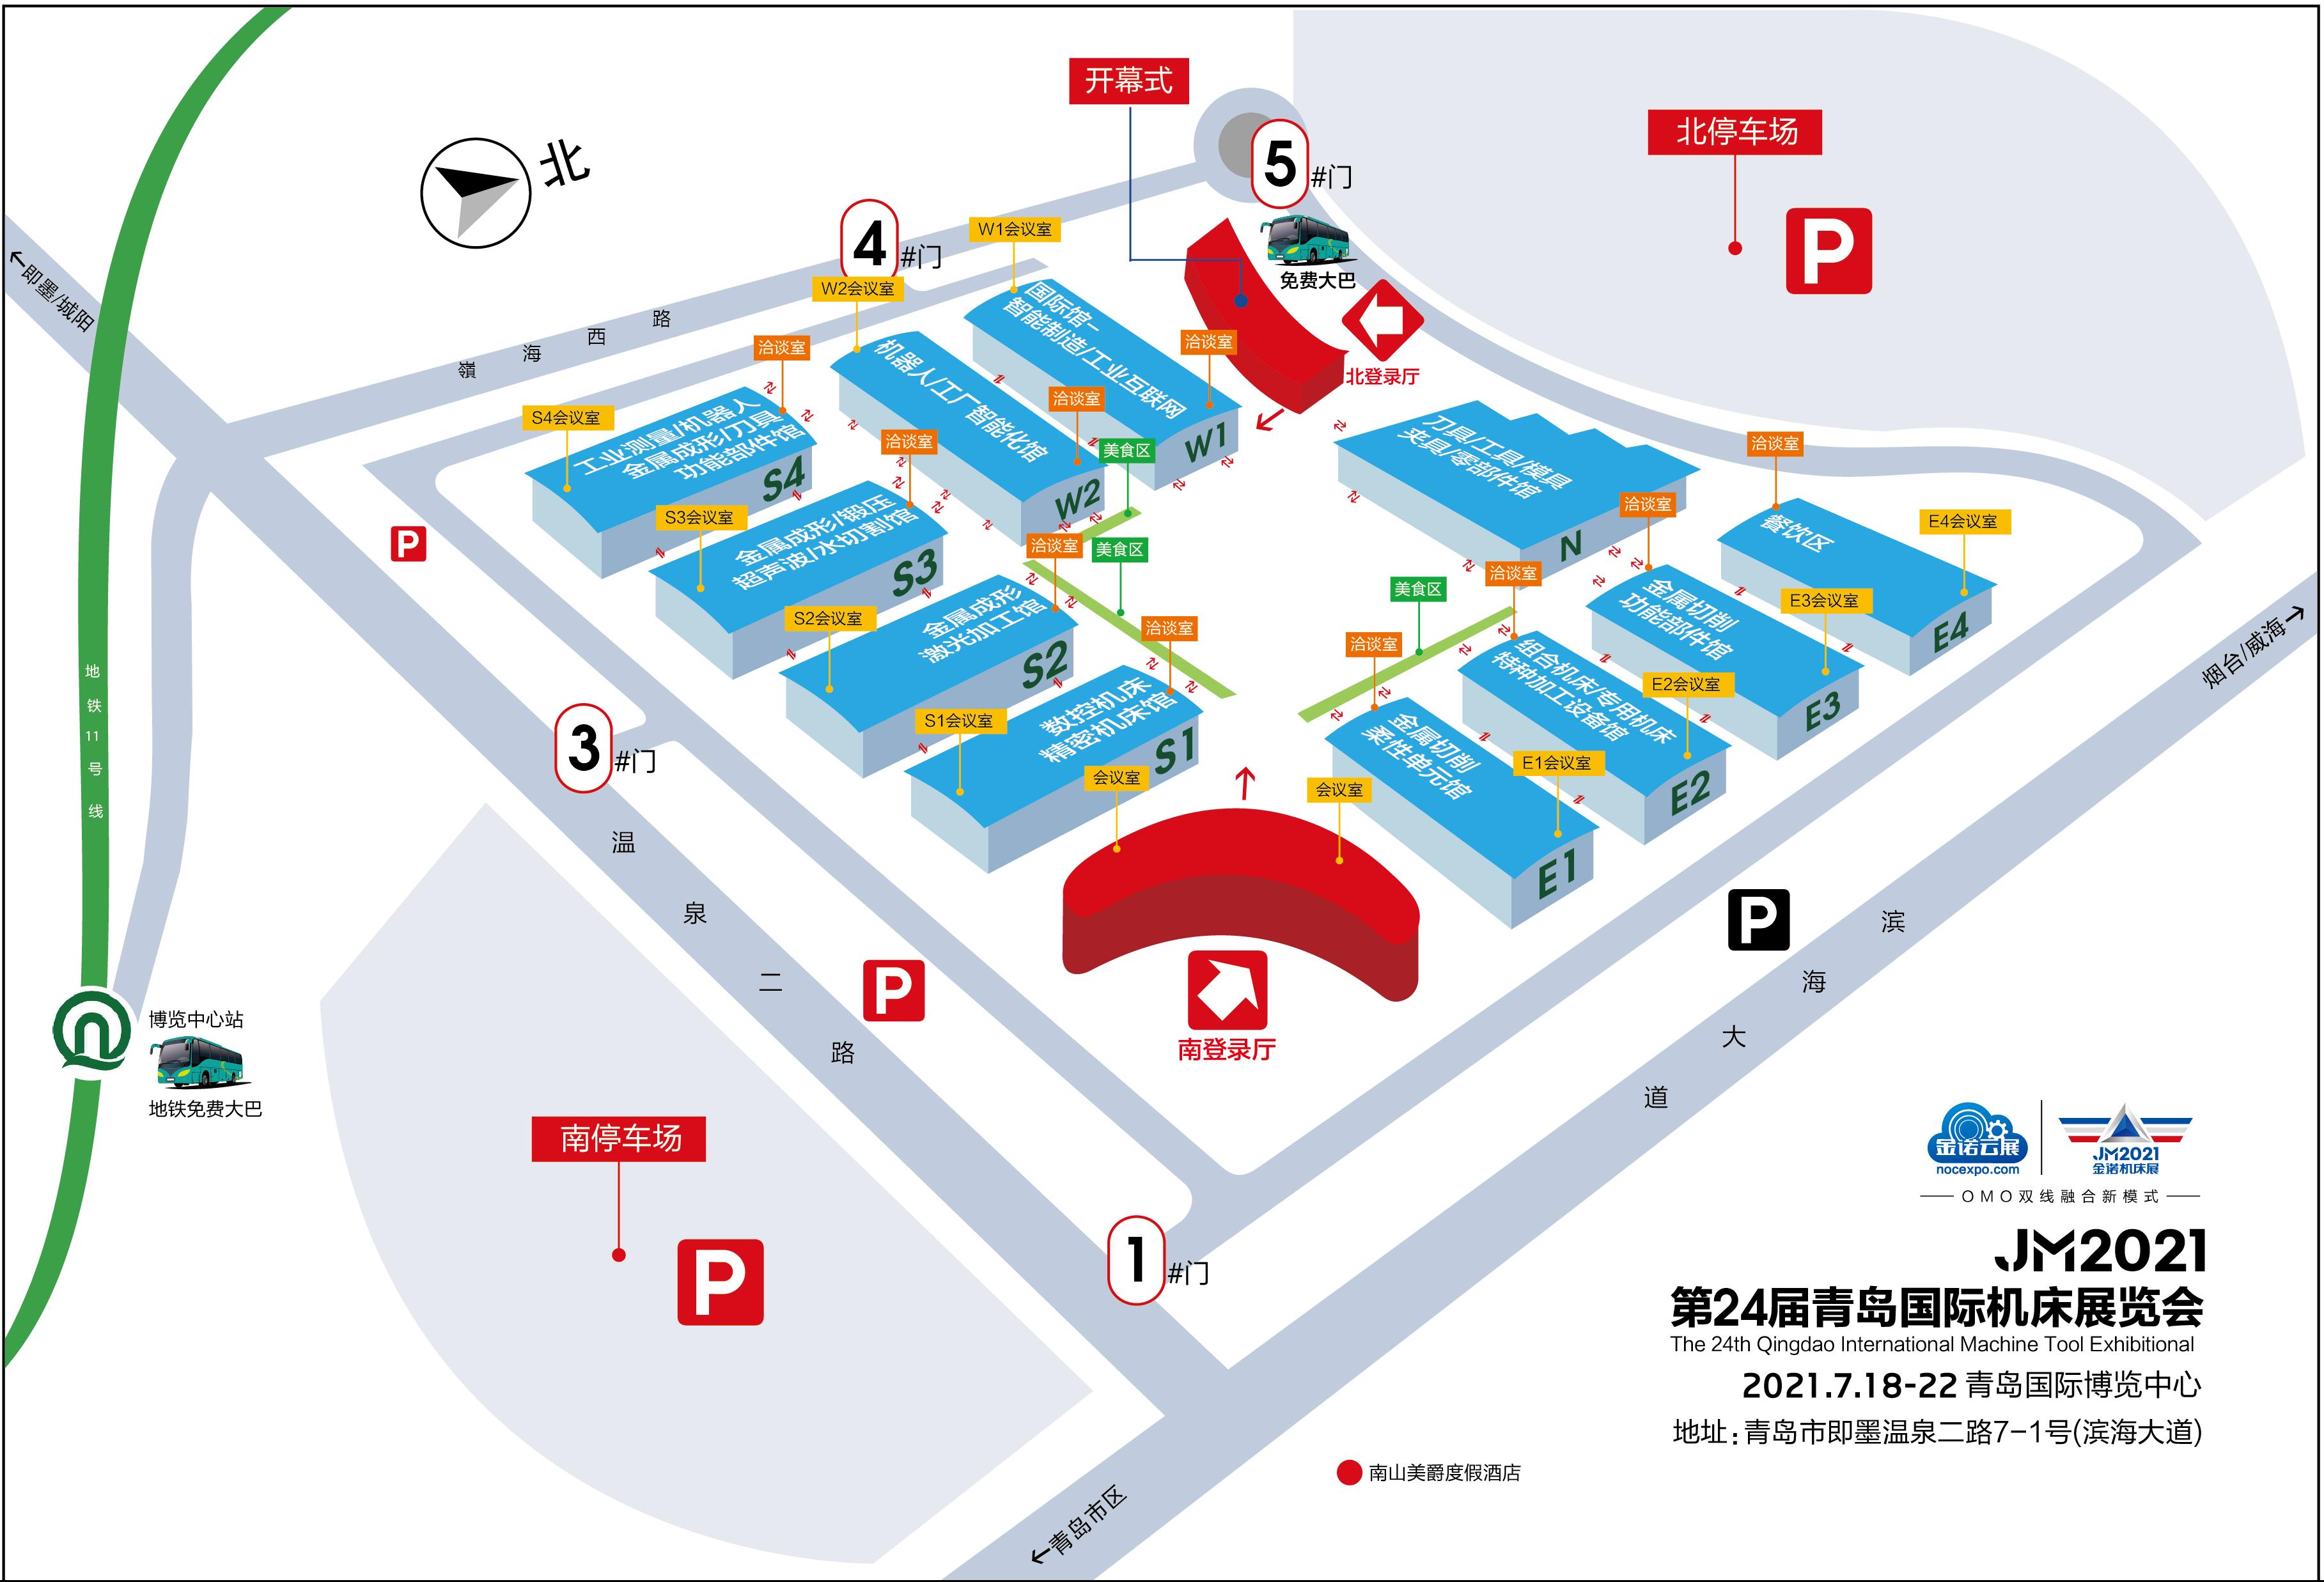 機床商務網與您相約青島機床展N-A131展位 附參展攻略